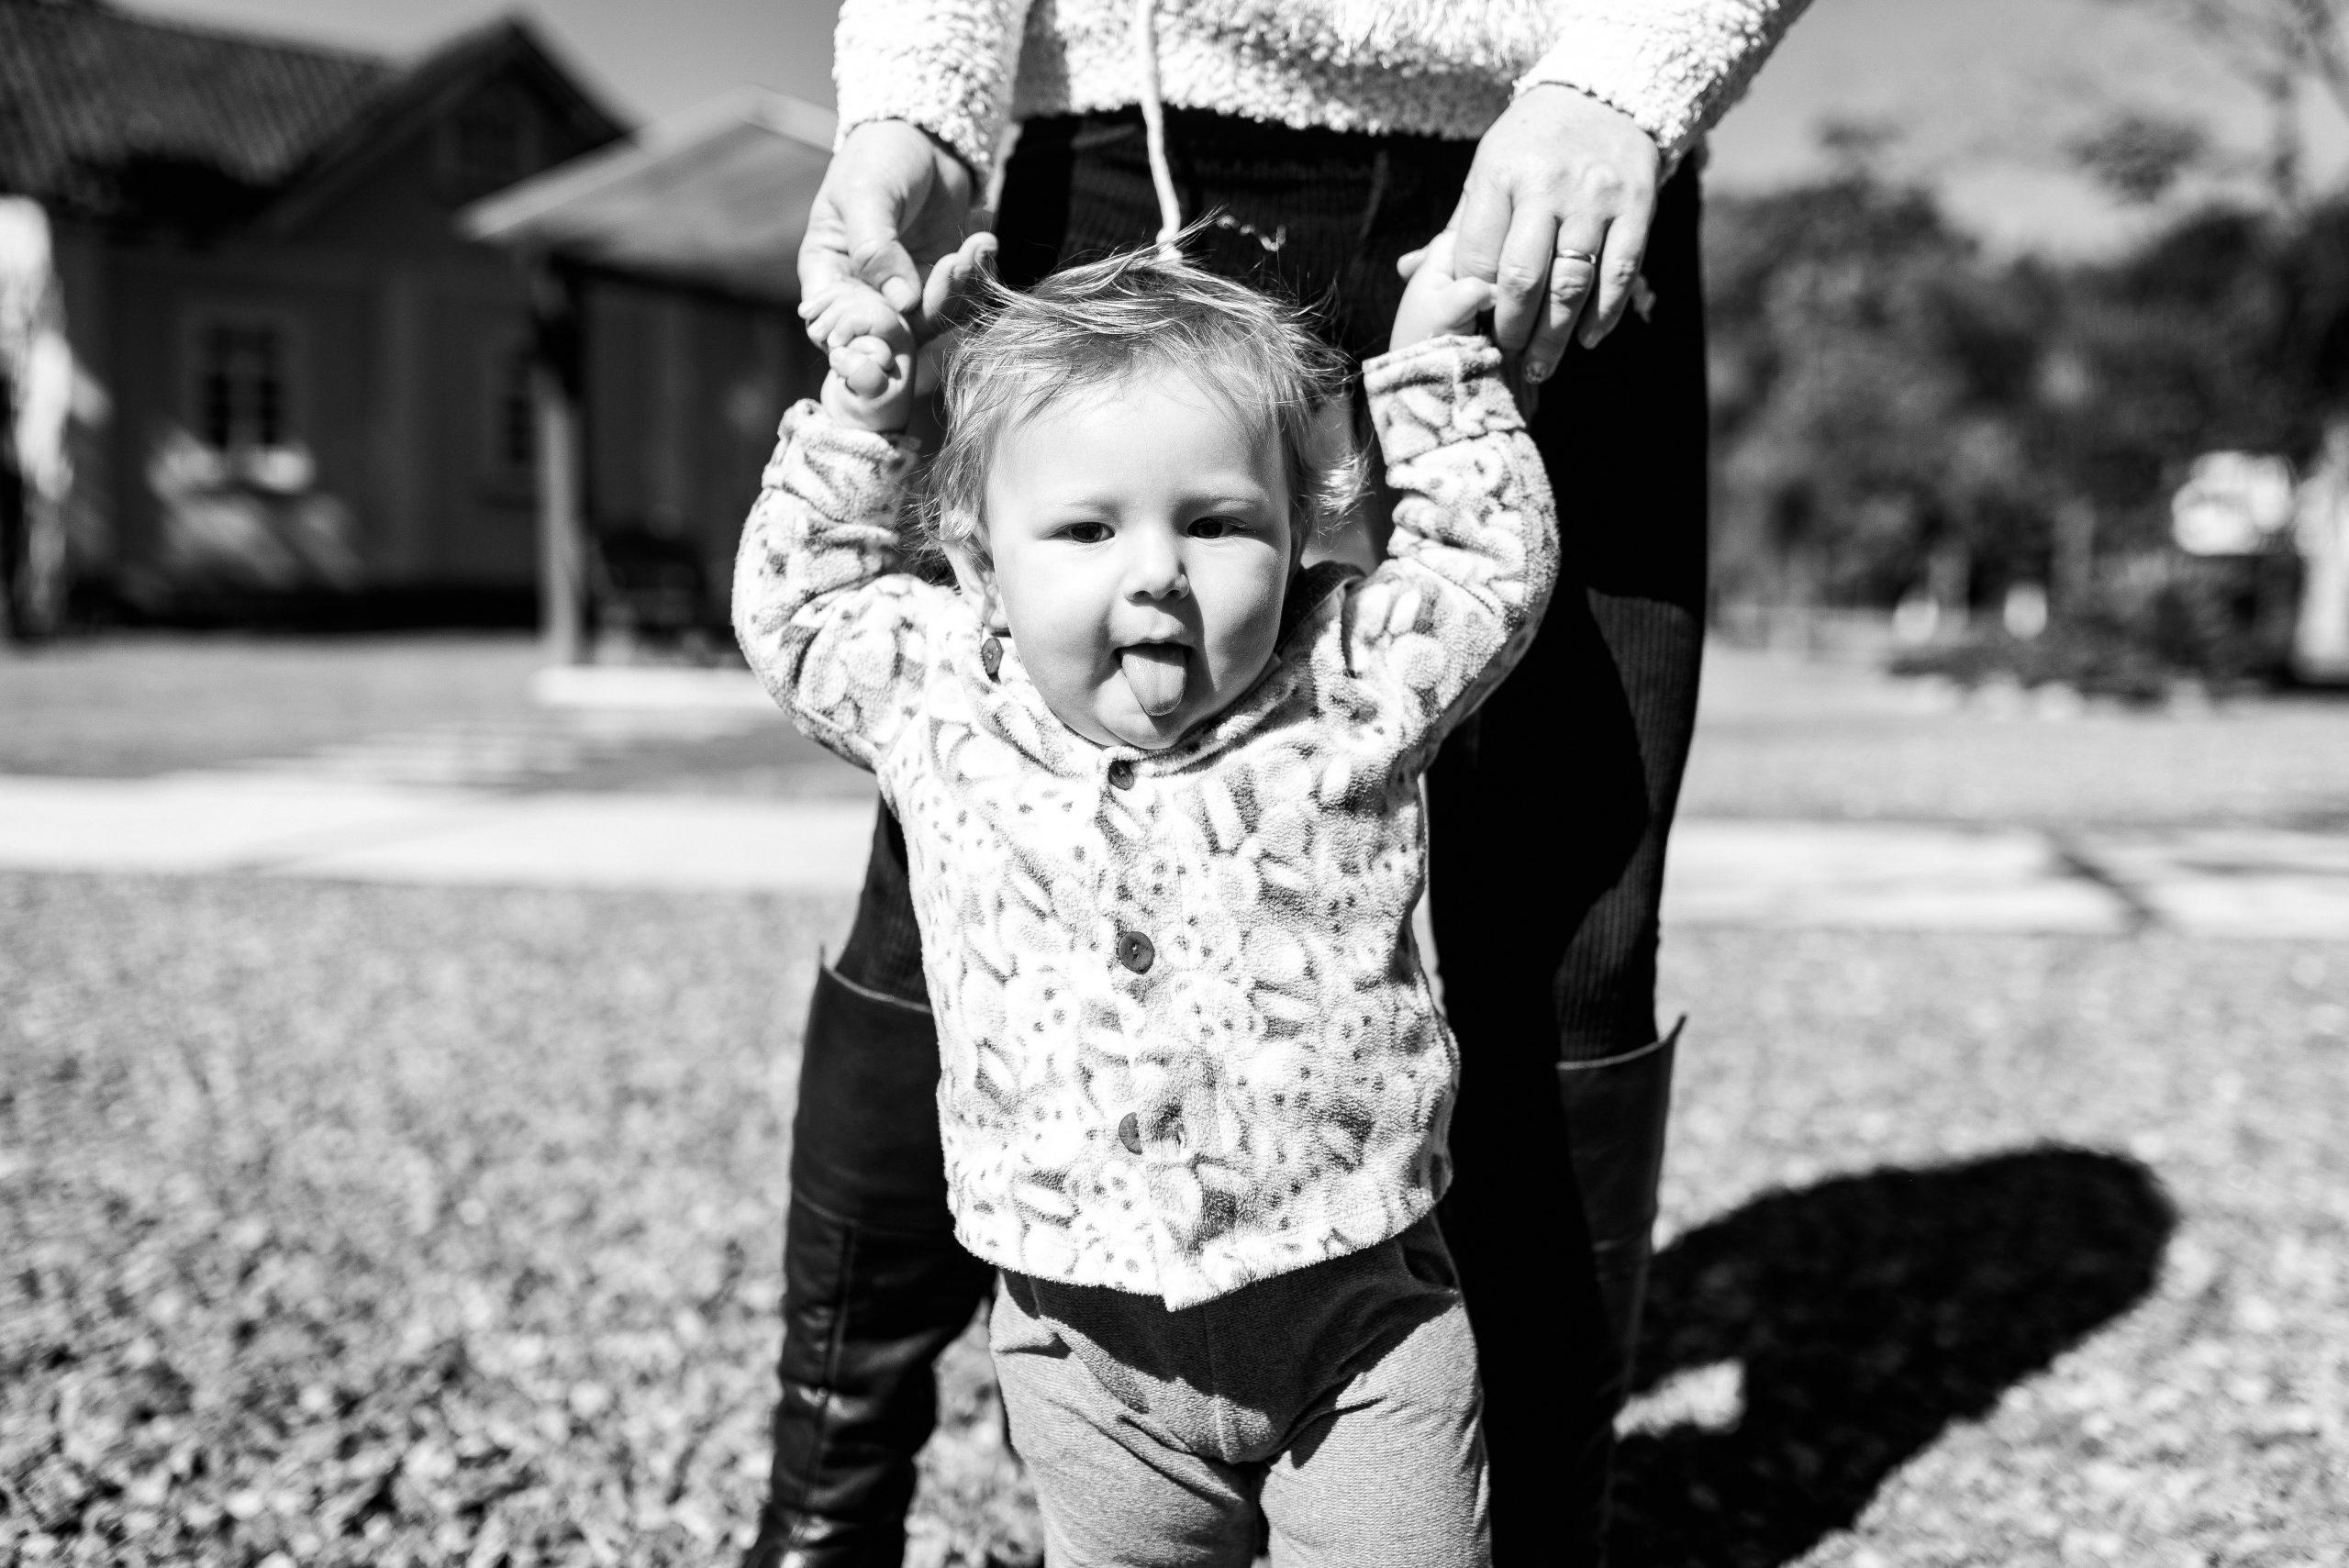 Bébé marche